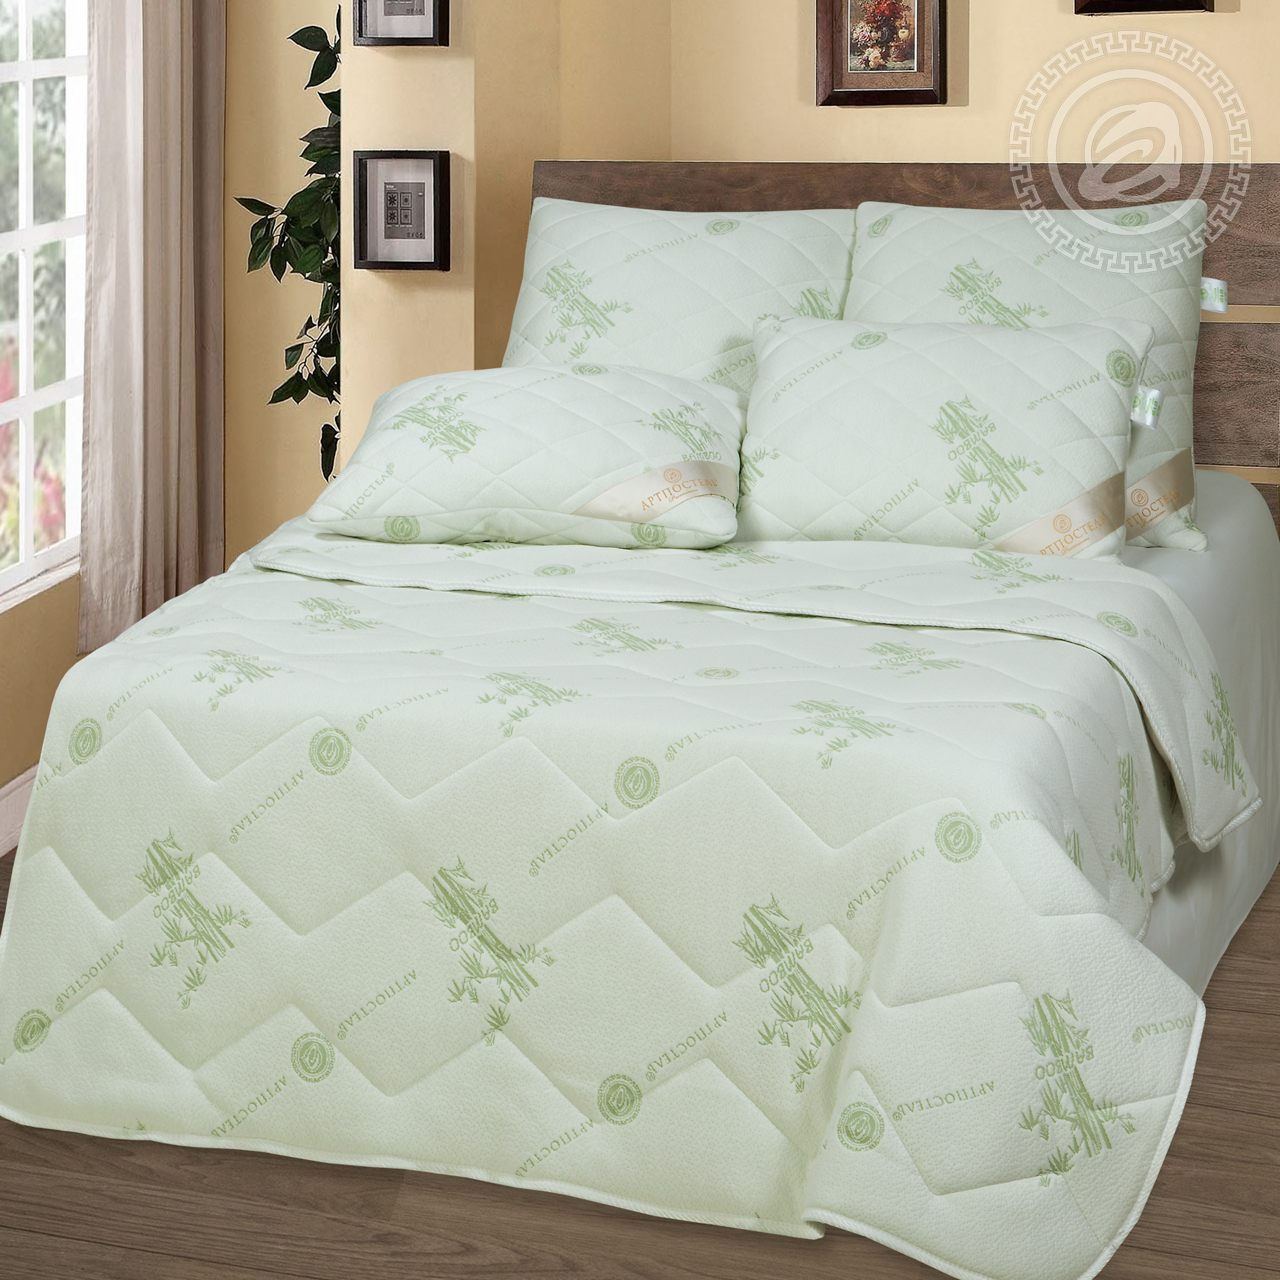 """Одеяло """"Бамбук Premium антистресс"""" р. 172х205 — Бамбук Premium антистресс"""